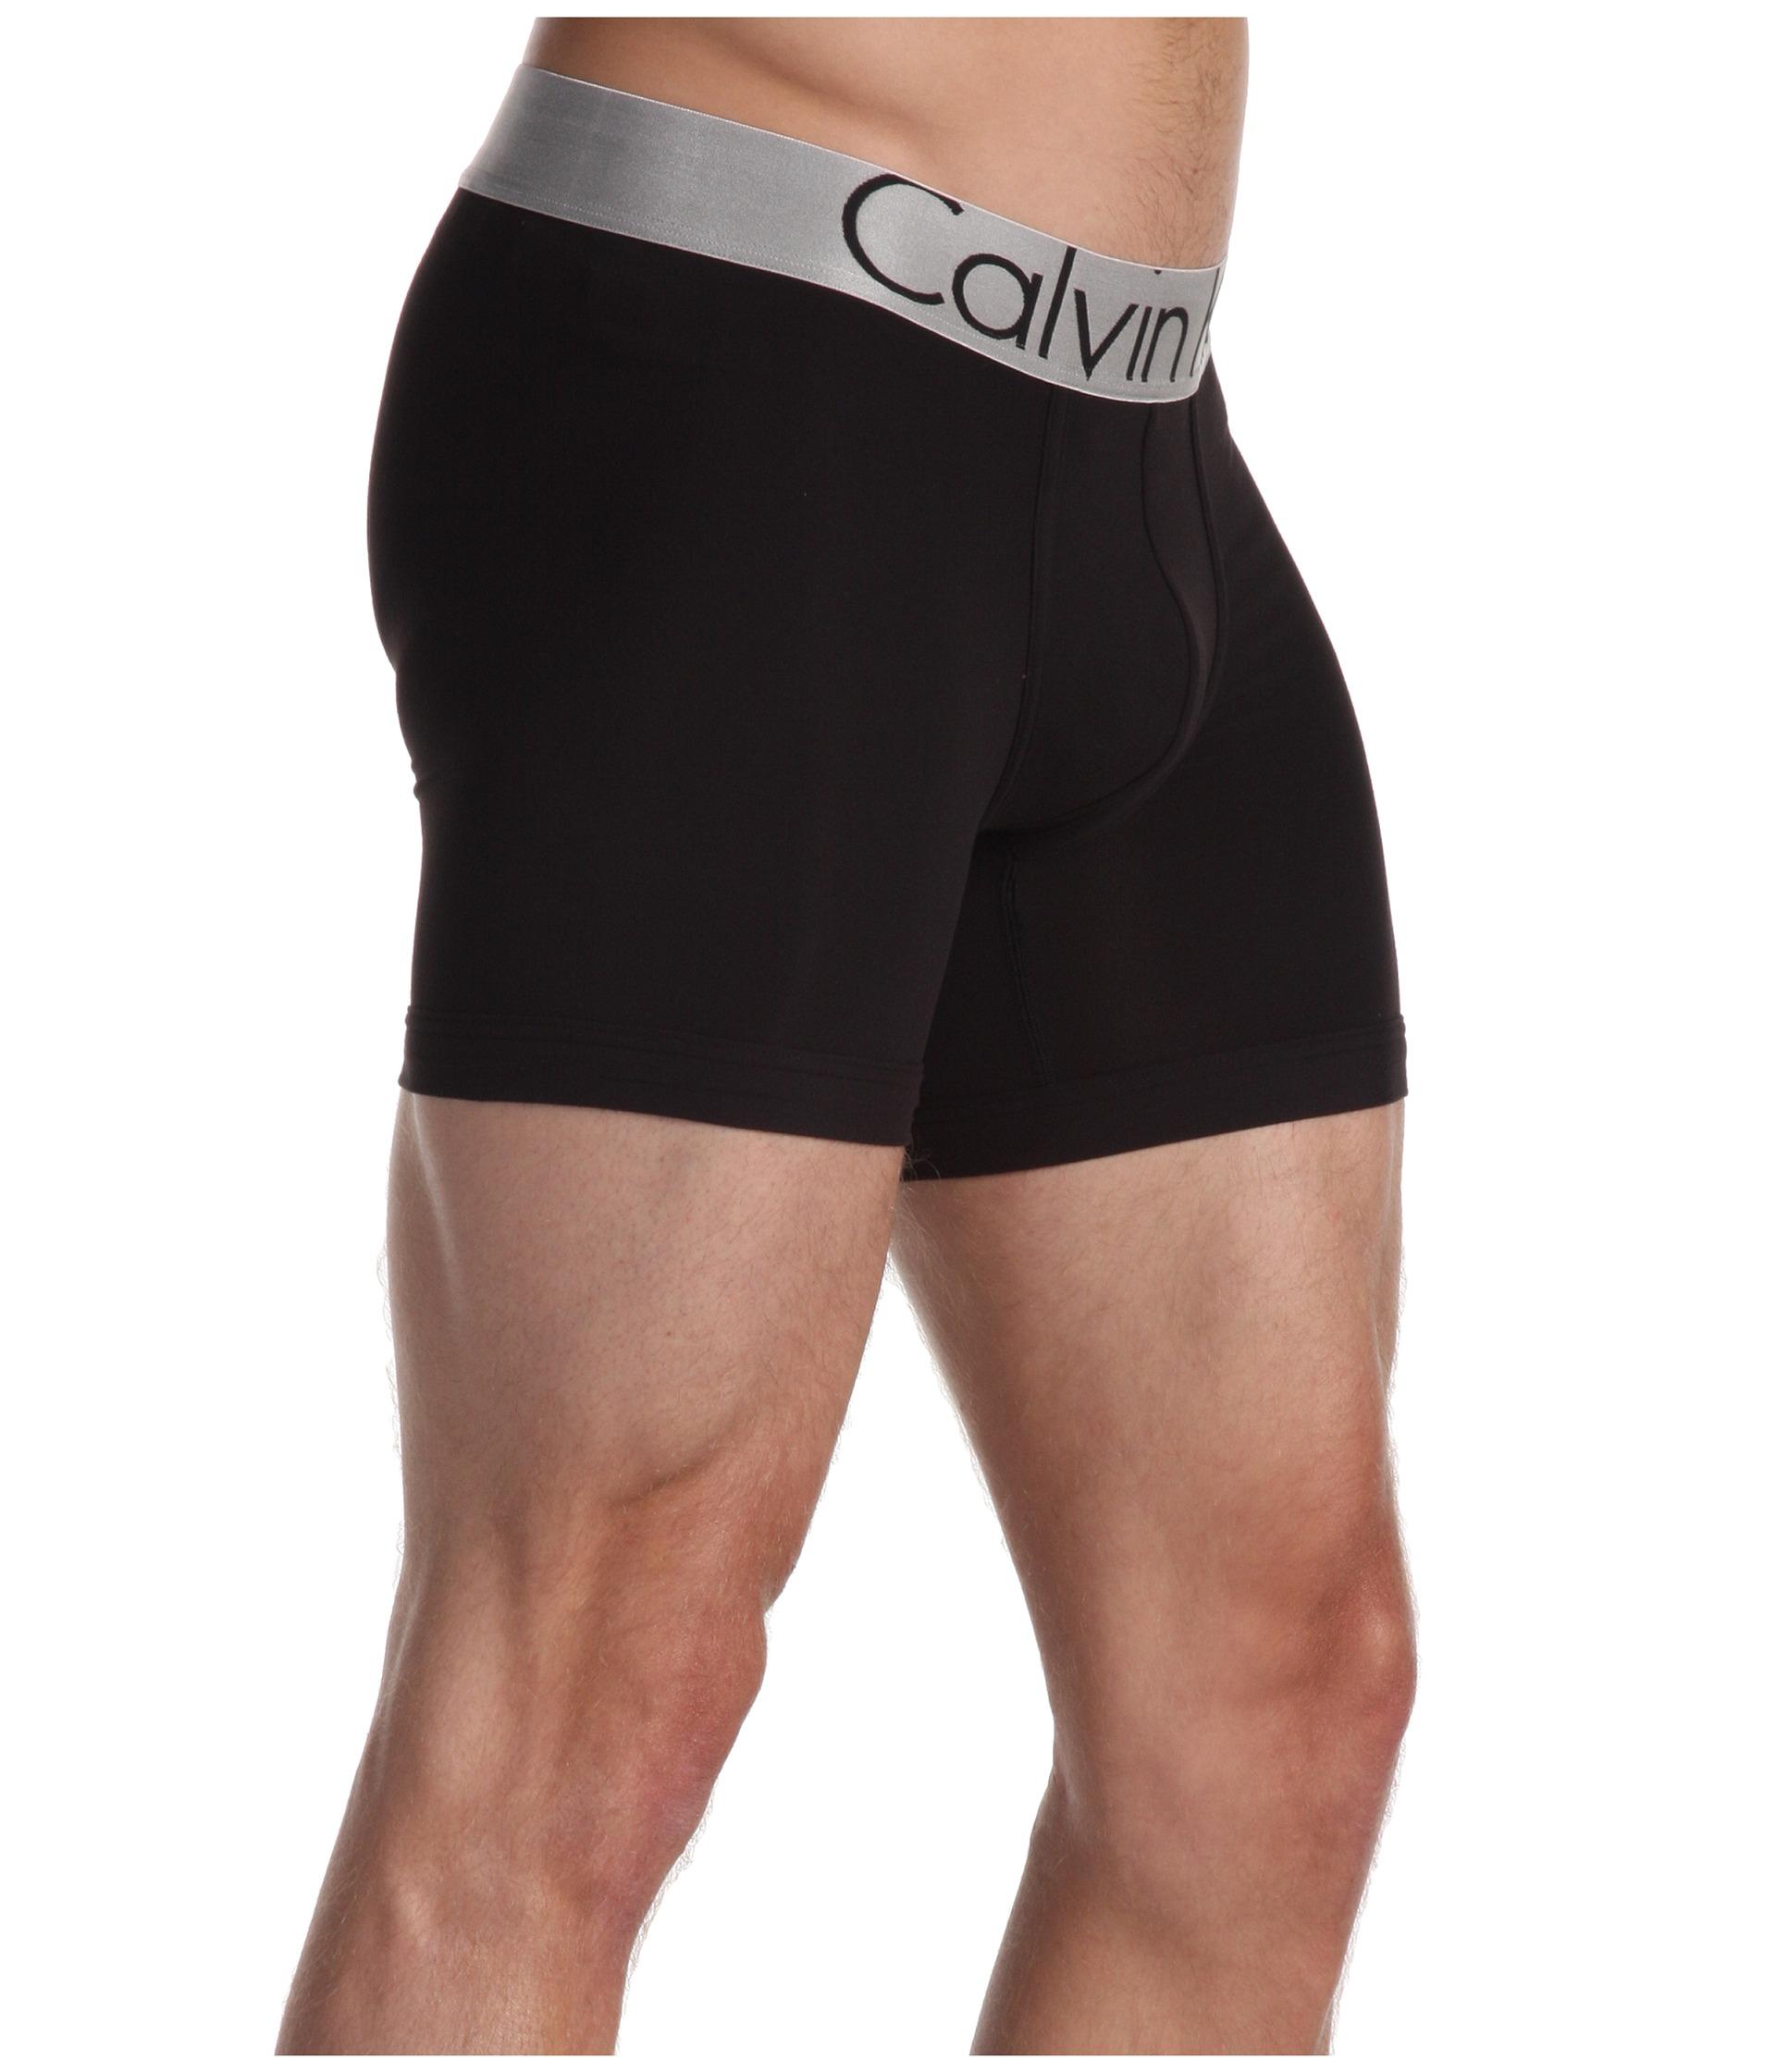 calvin klein underwear steel micro boxer brief u2719 at. Black Bedroom Furniture Sets. Home Design Ideas